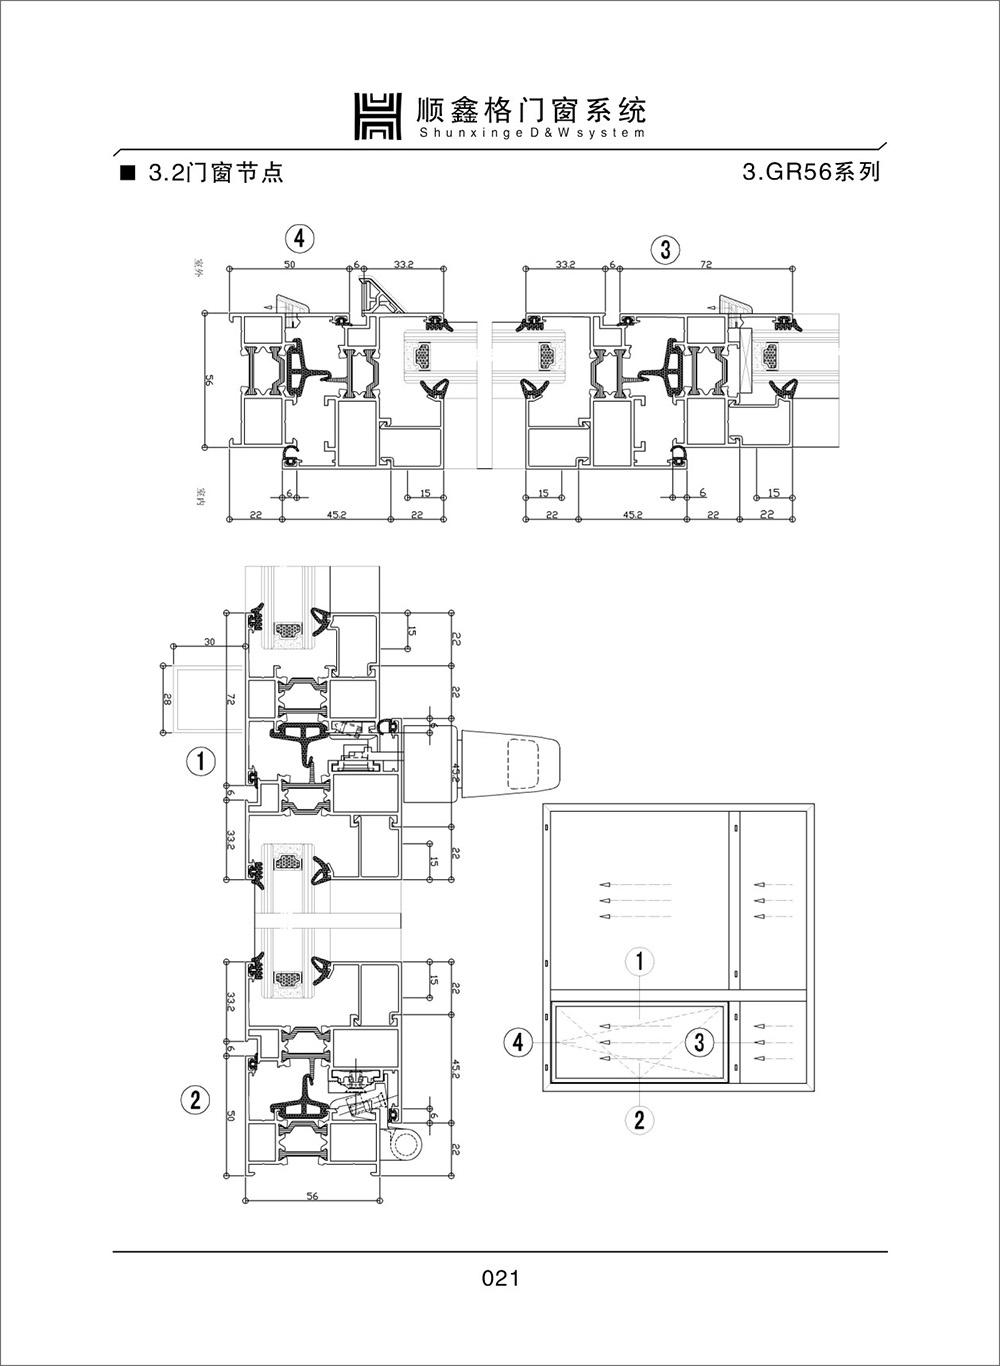 顺鑫阁门窗系统GR56系列